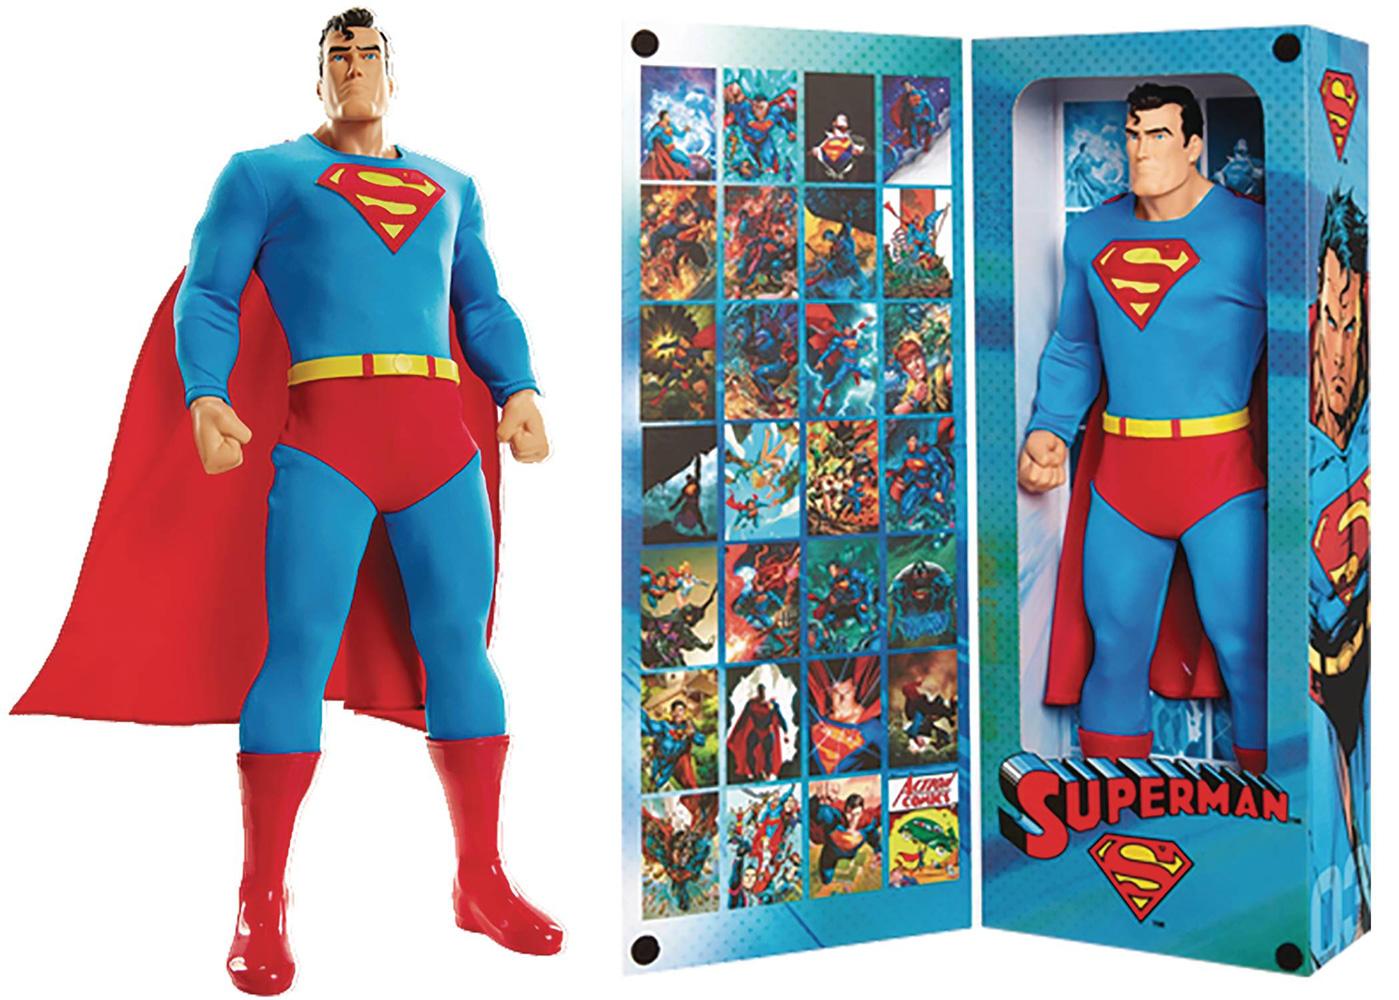 DC Big Figs Tribute Series Action Figure: Superman  (19-inch) - Jakks Pacific